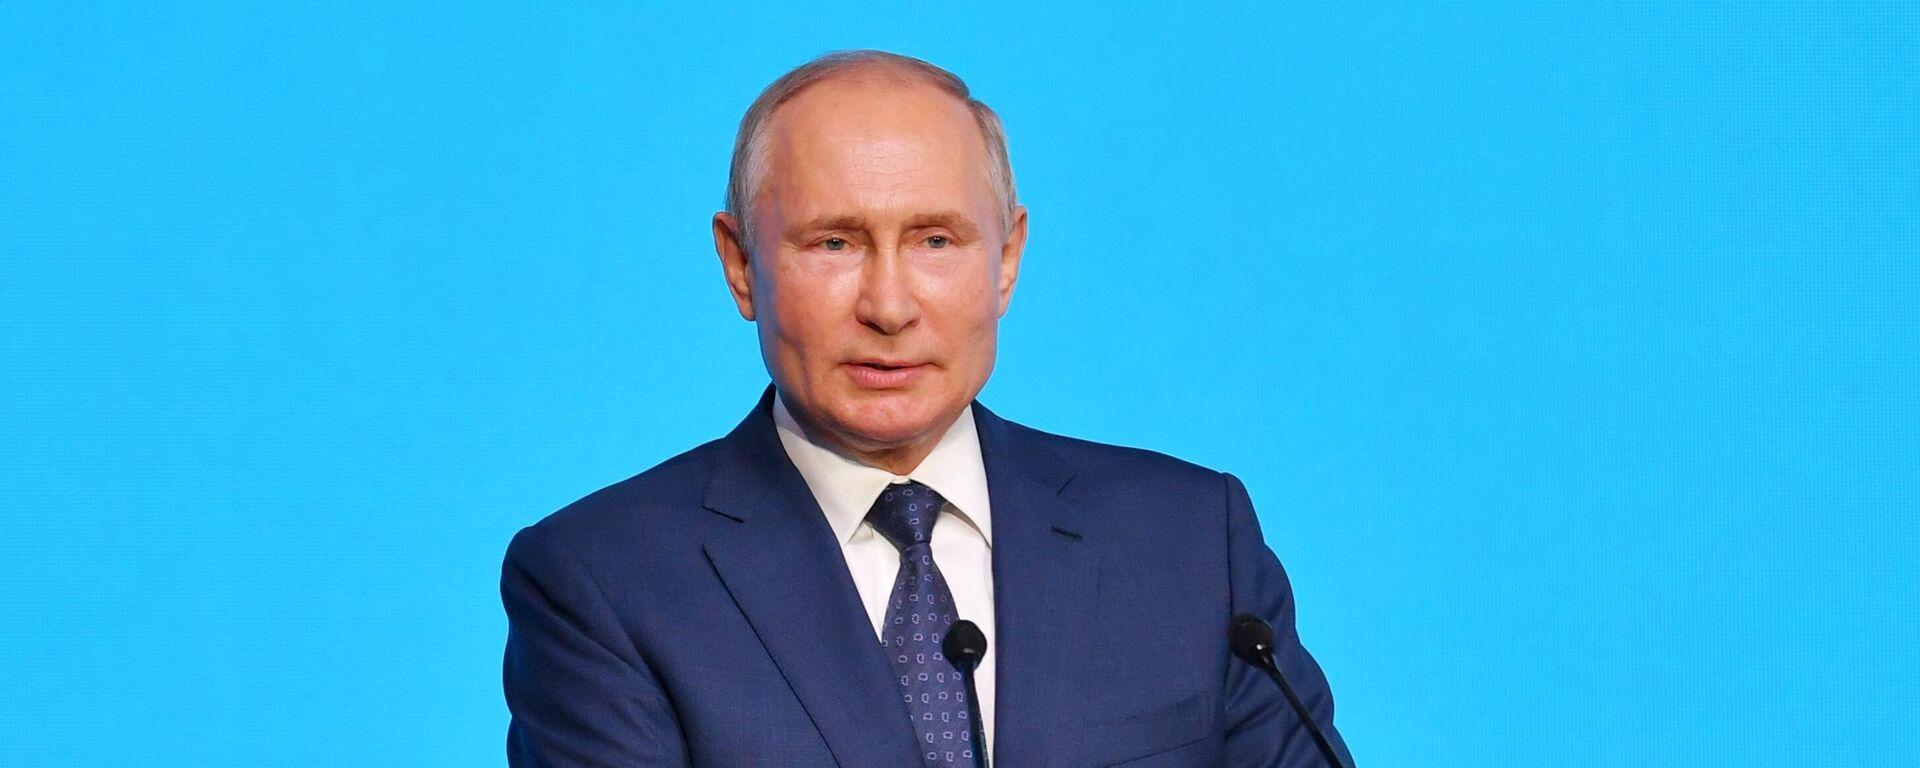 Russlands Präsident Wladimir Putin - SNA, 1920, 20.08.2021